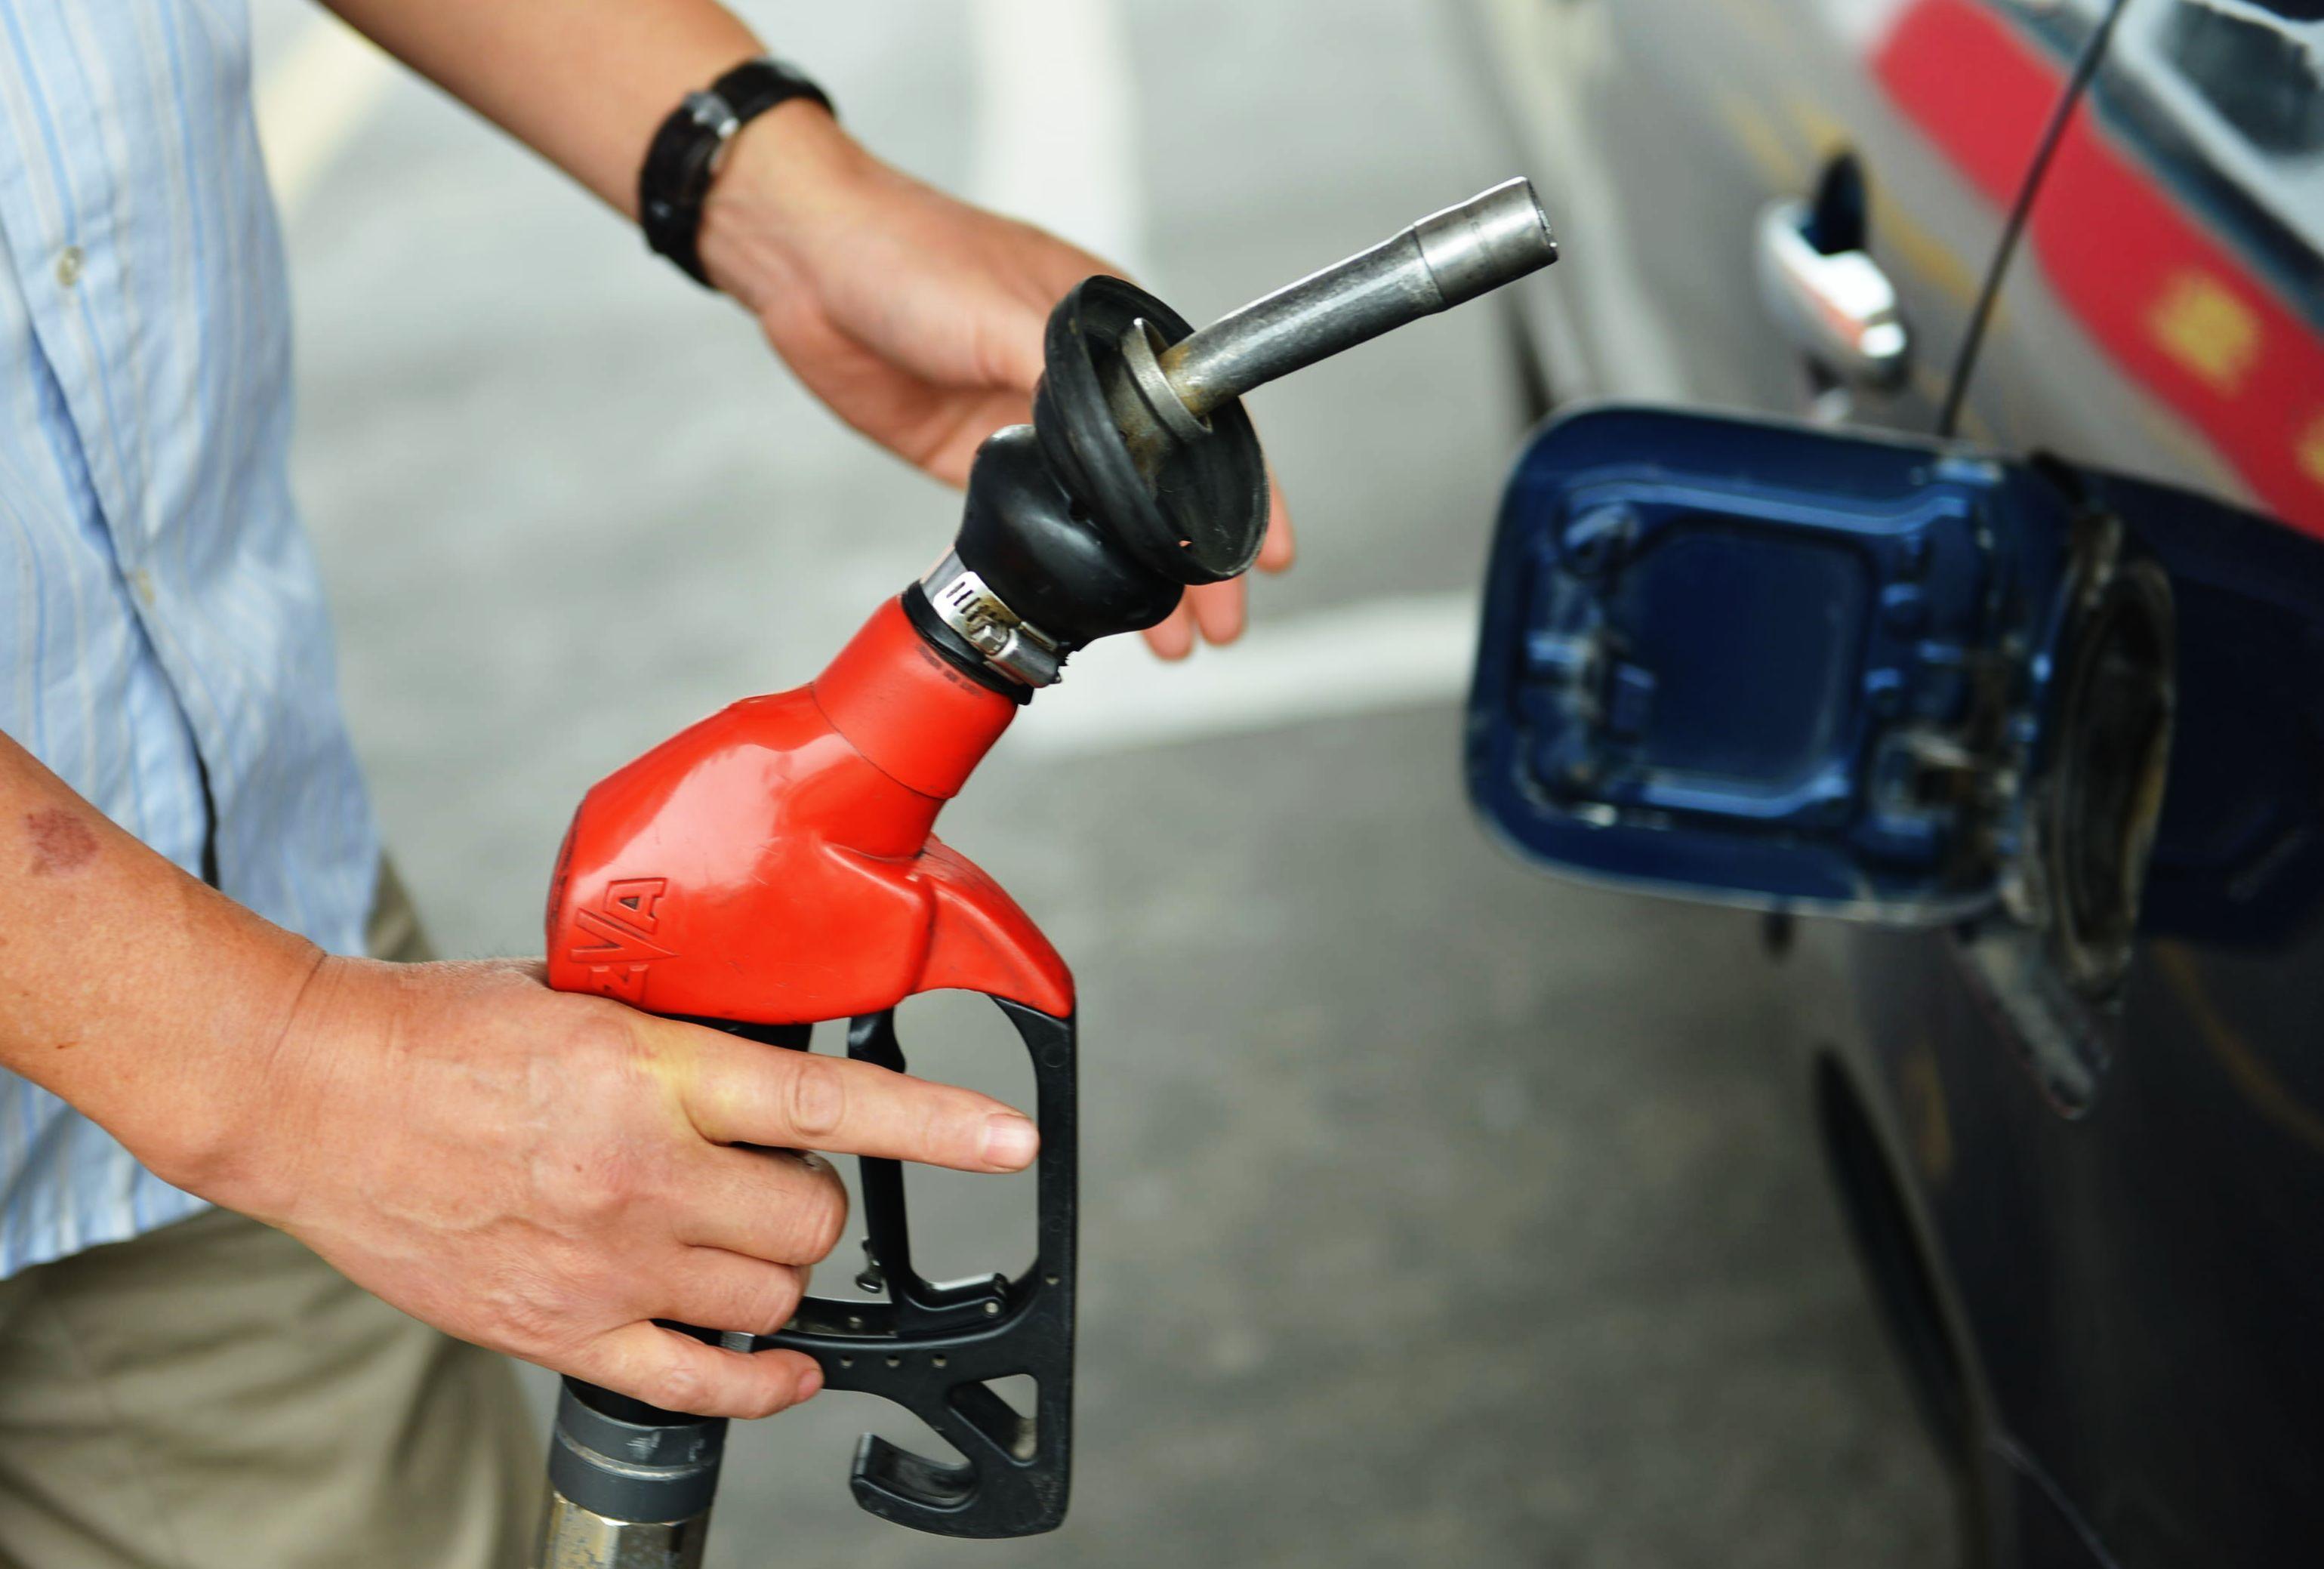 2018年油价是涨是跌?中石化和社科院预测会这样